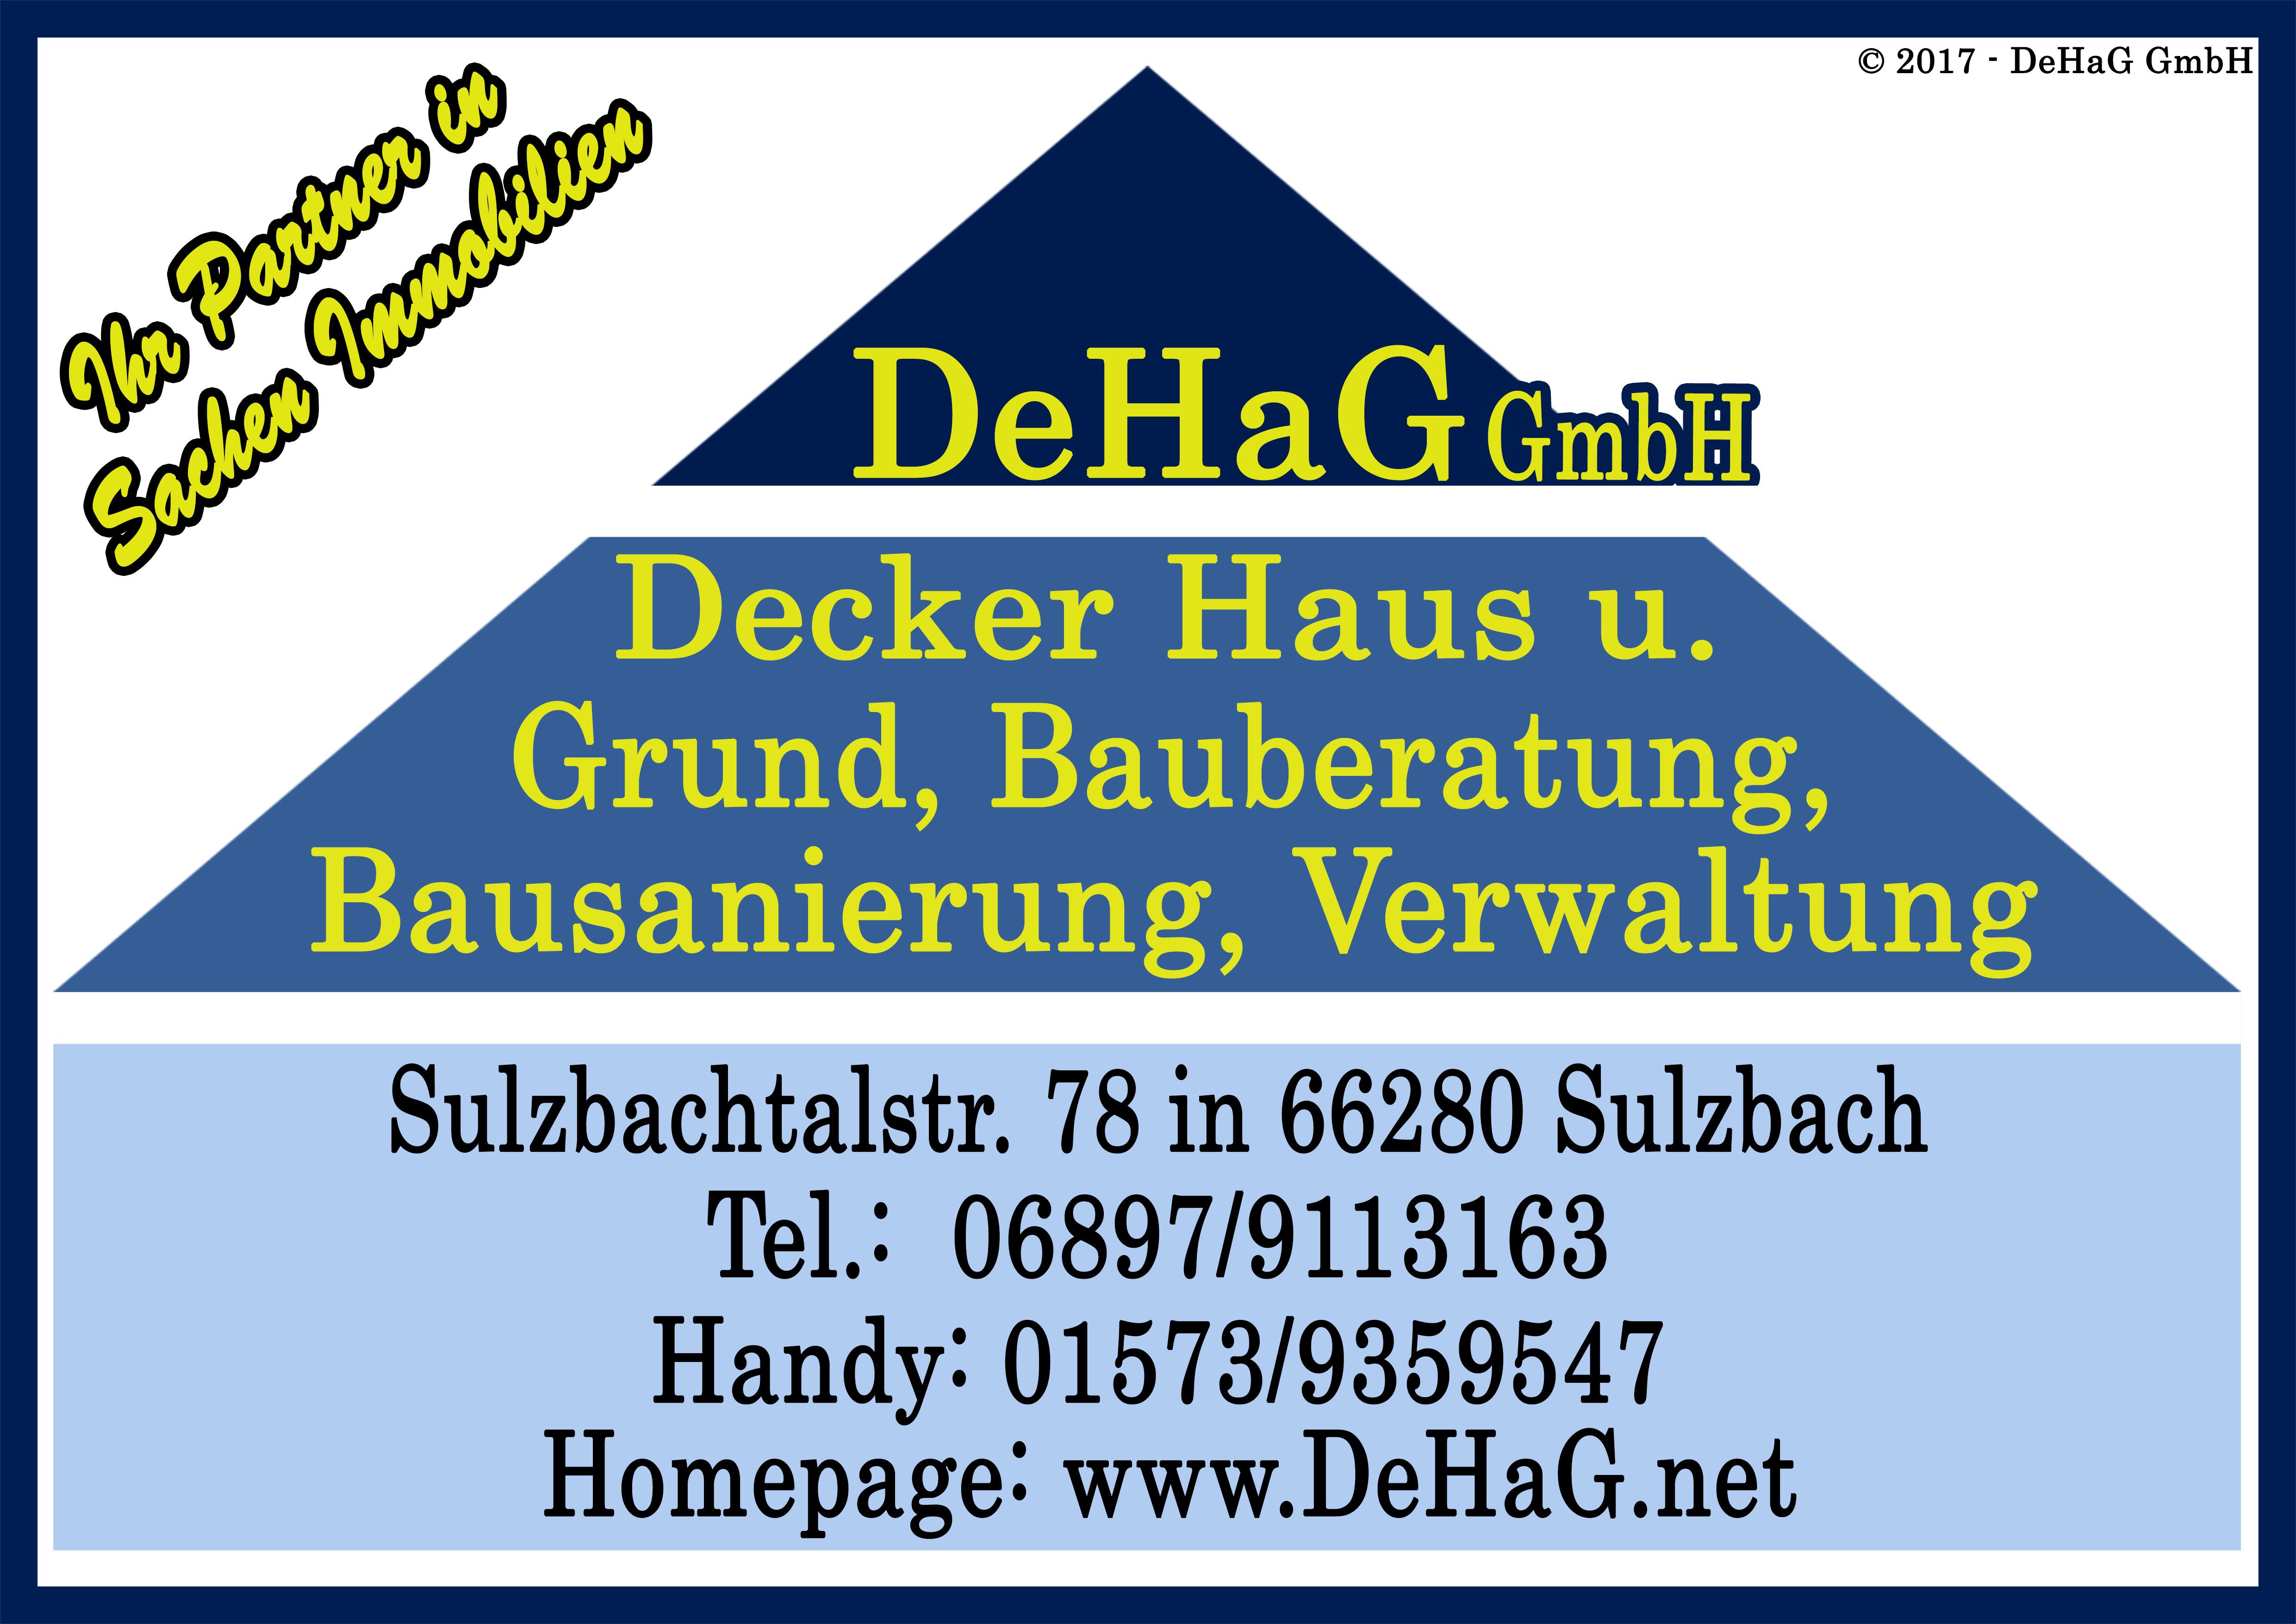 DeHaG GmbH – Decker Haus und Grund.